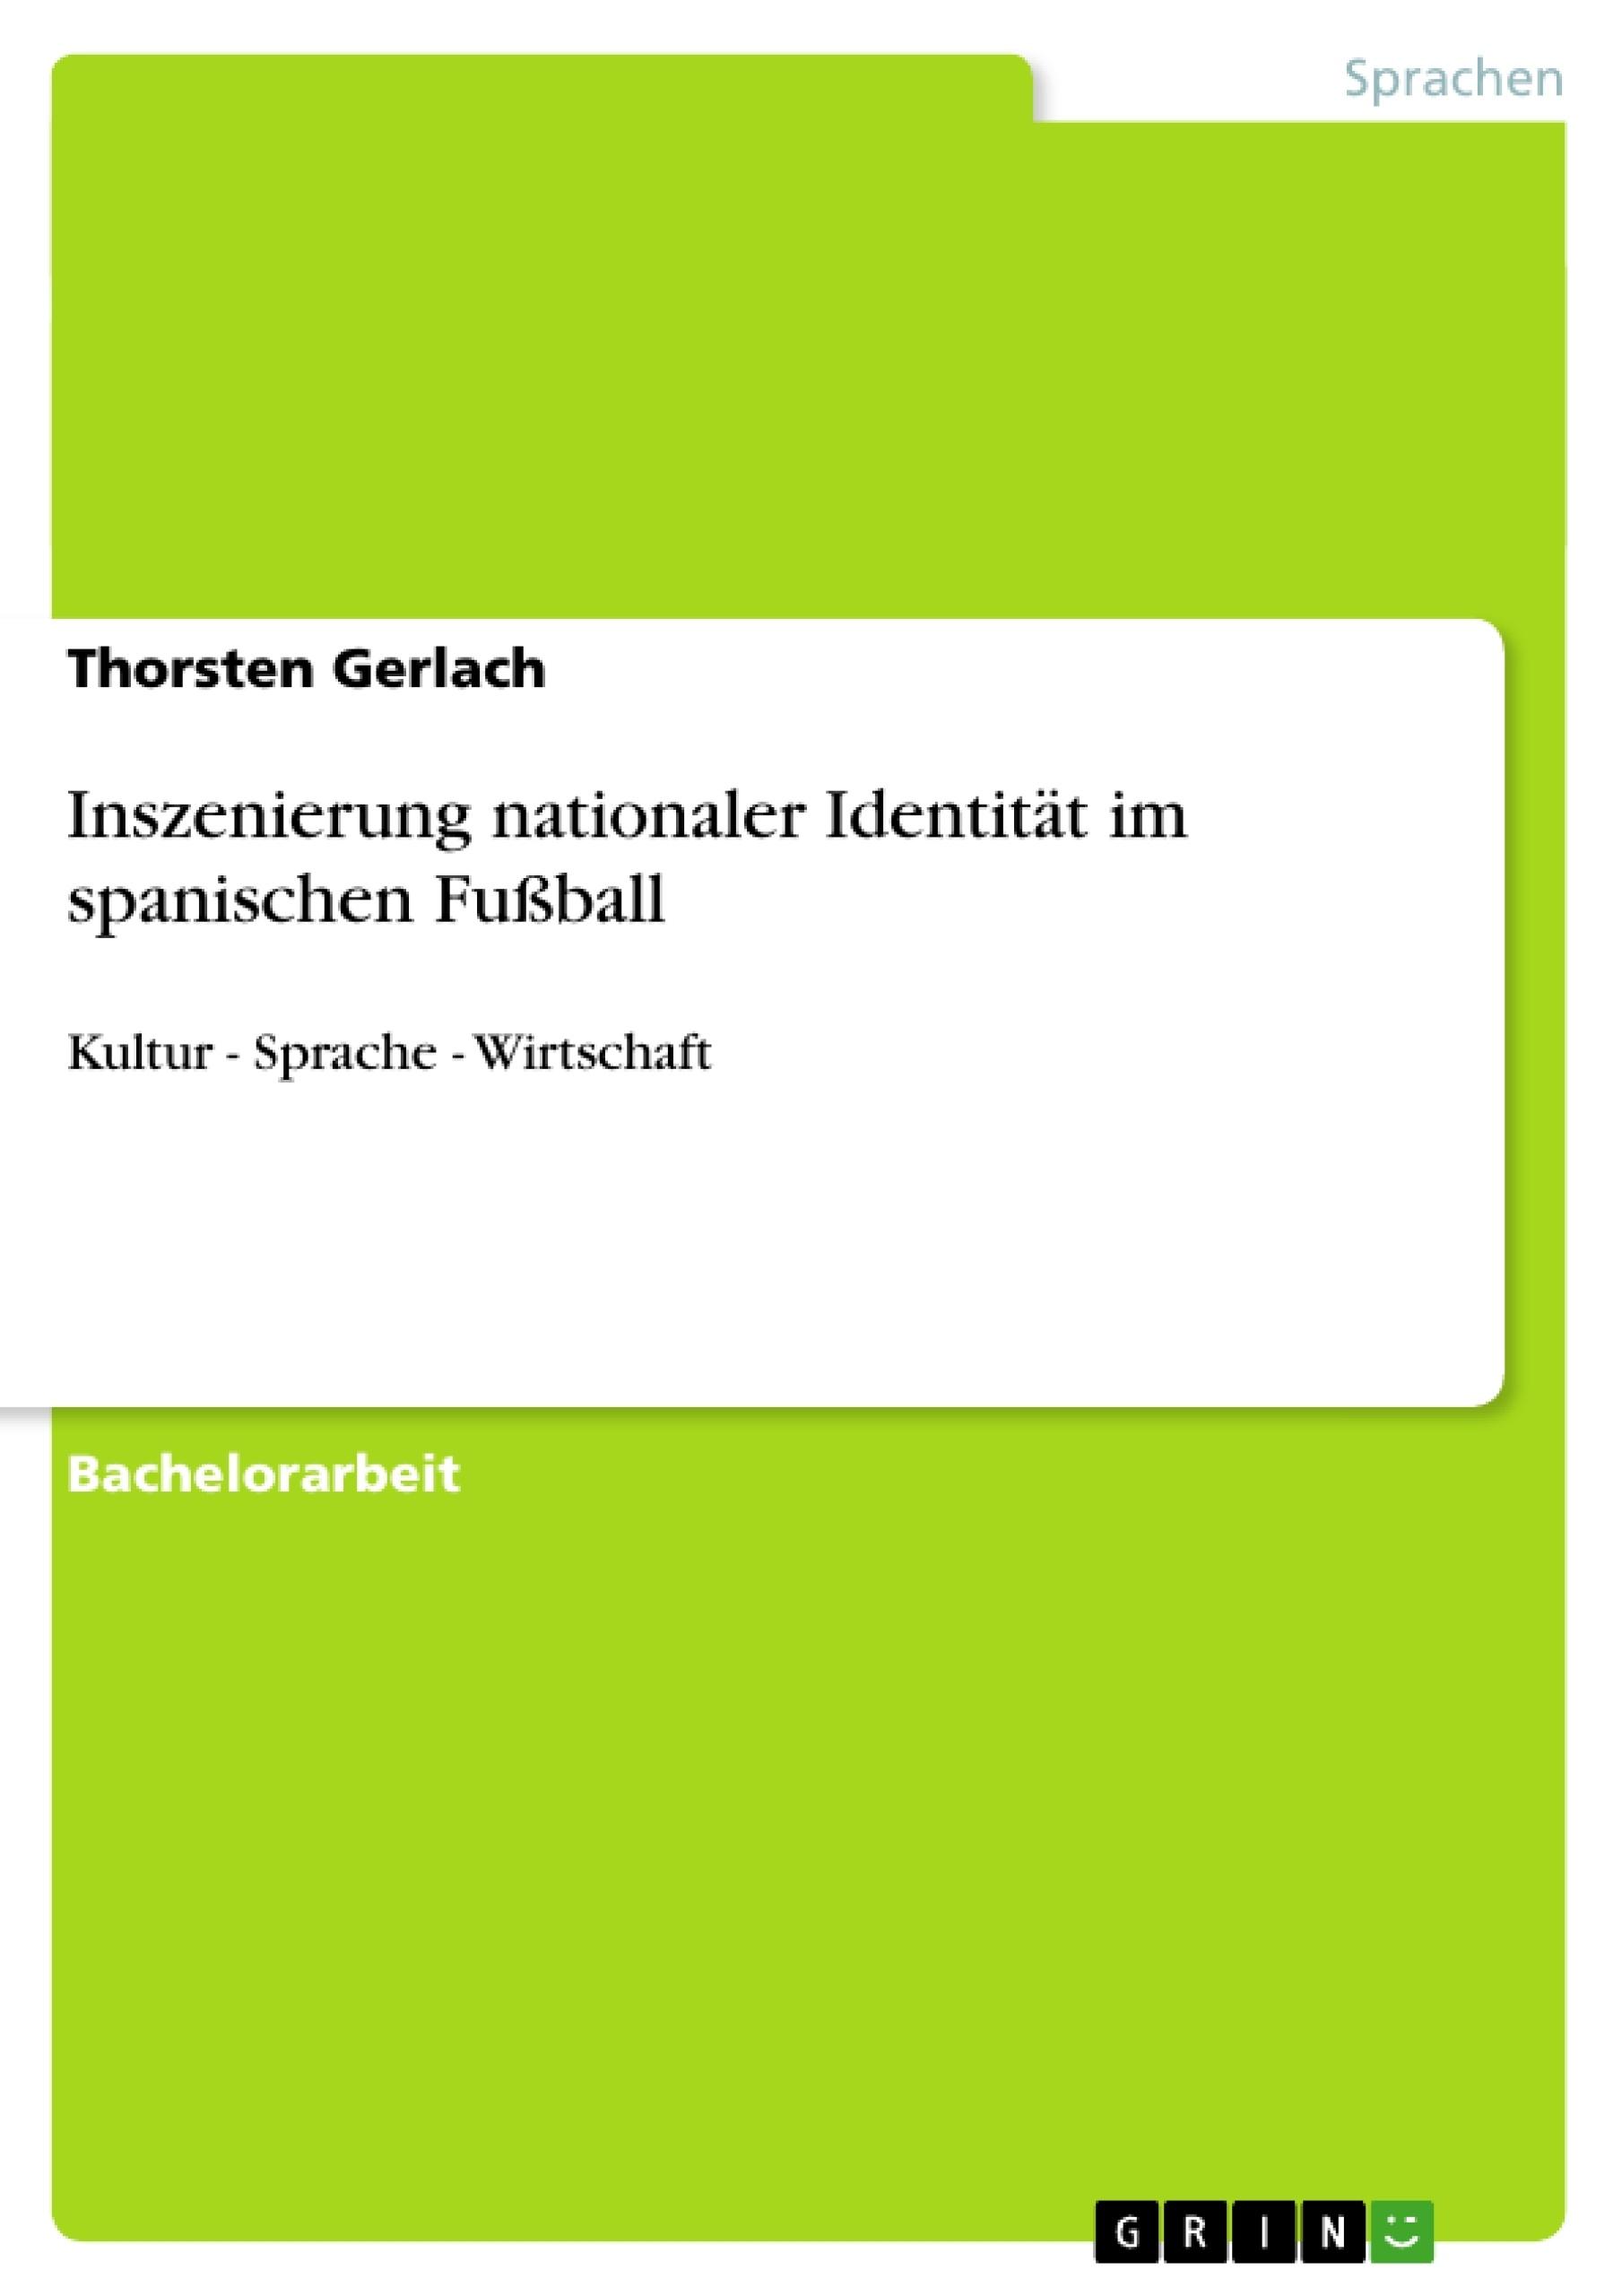 Titel: Inszenierung nationaler Identität im spanischen Fußball